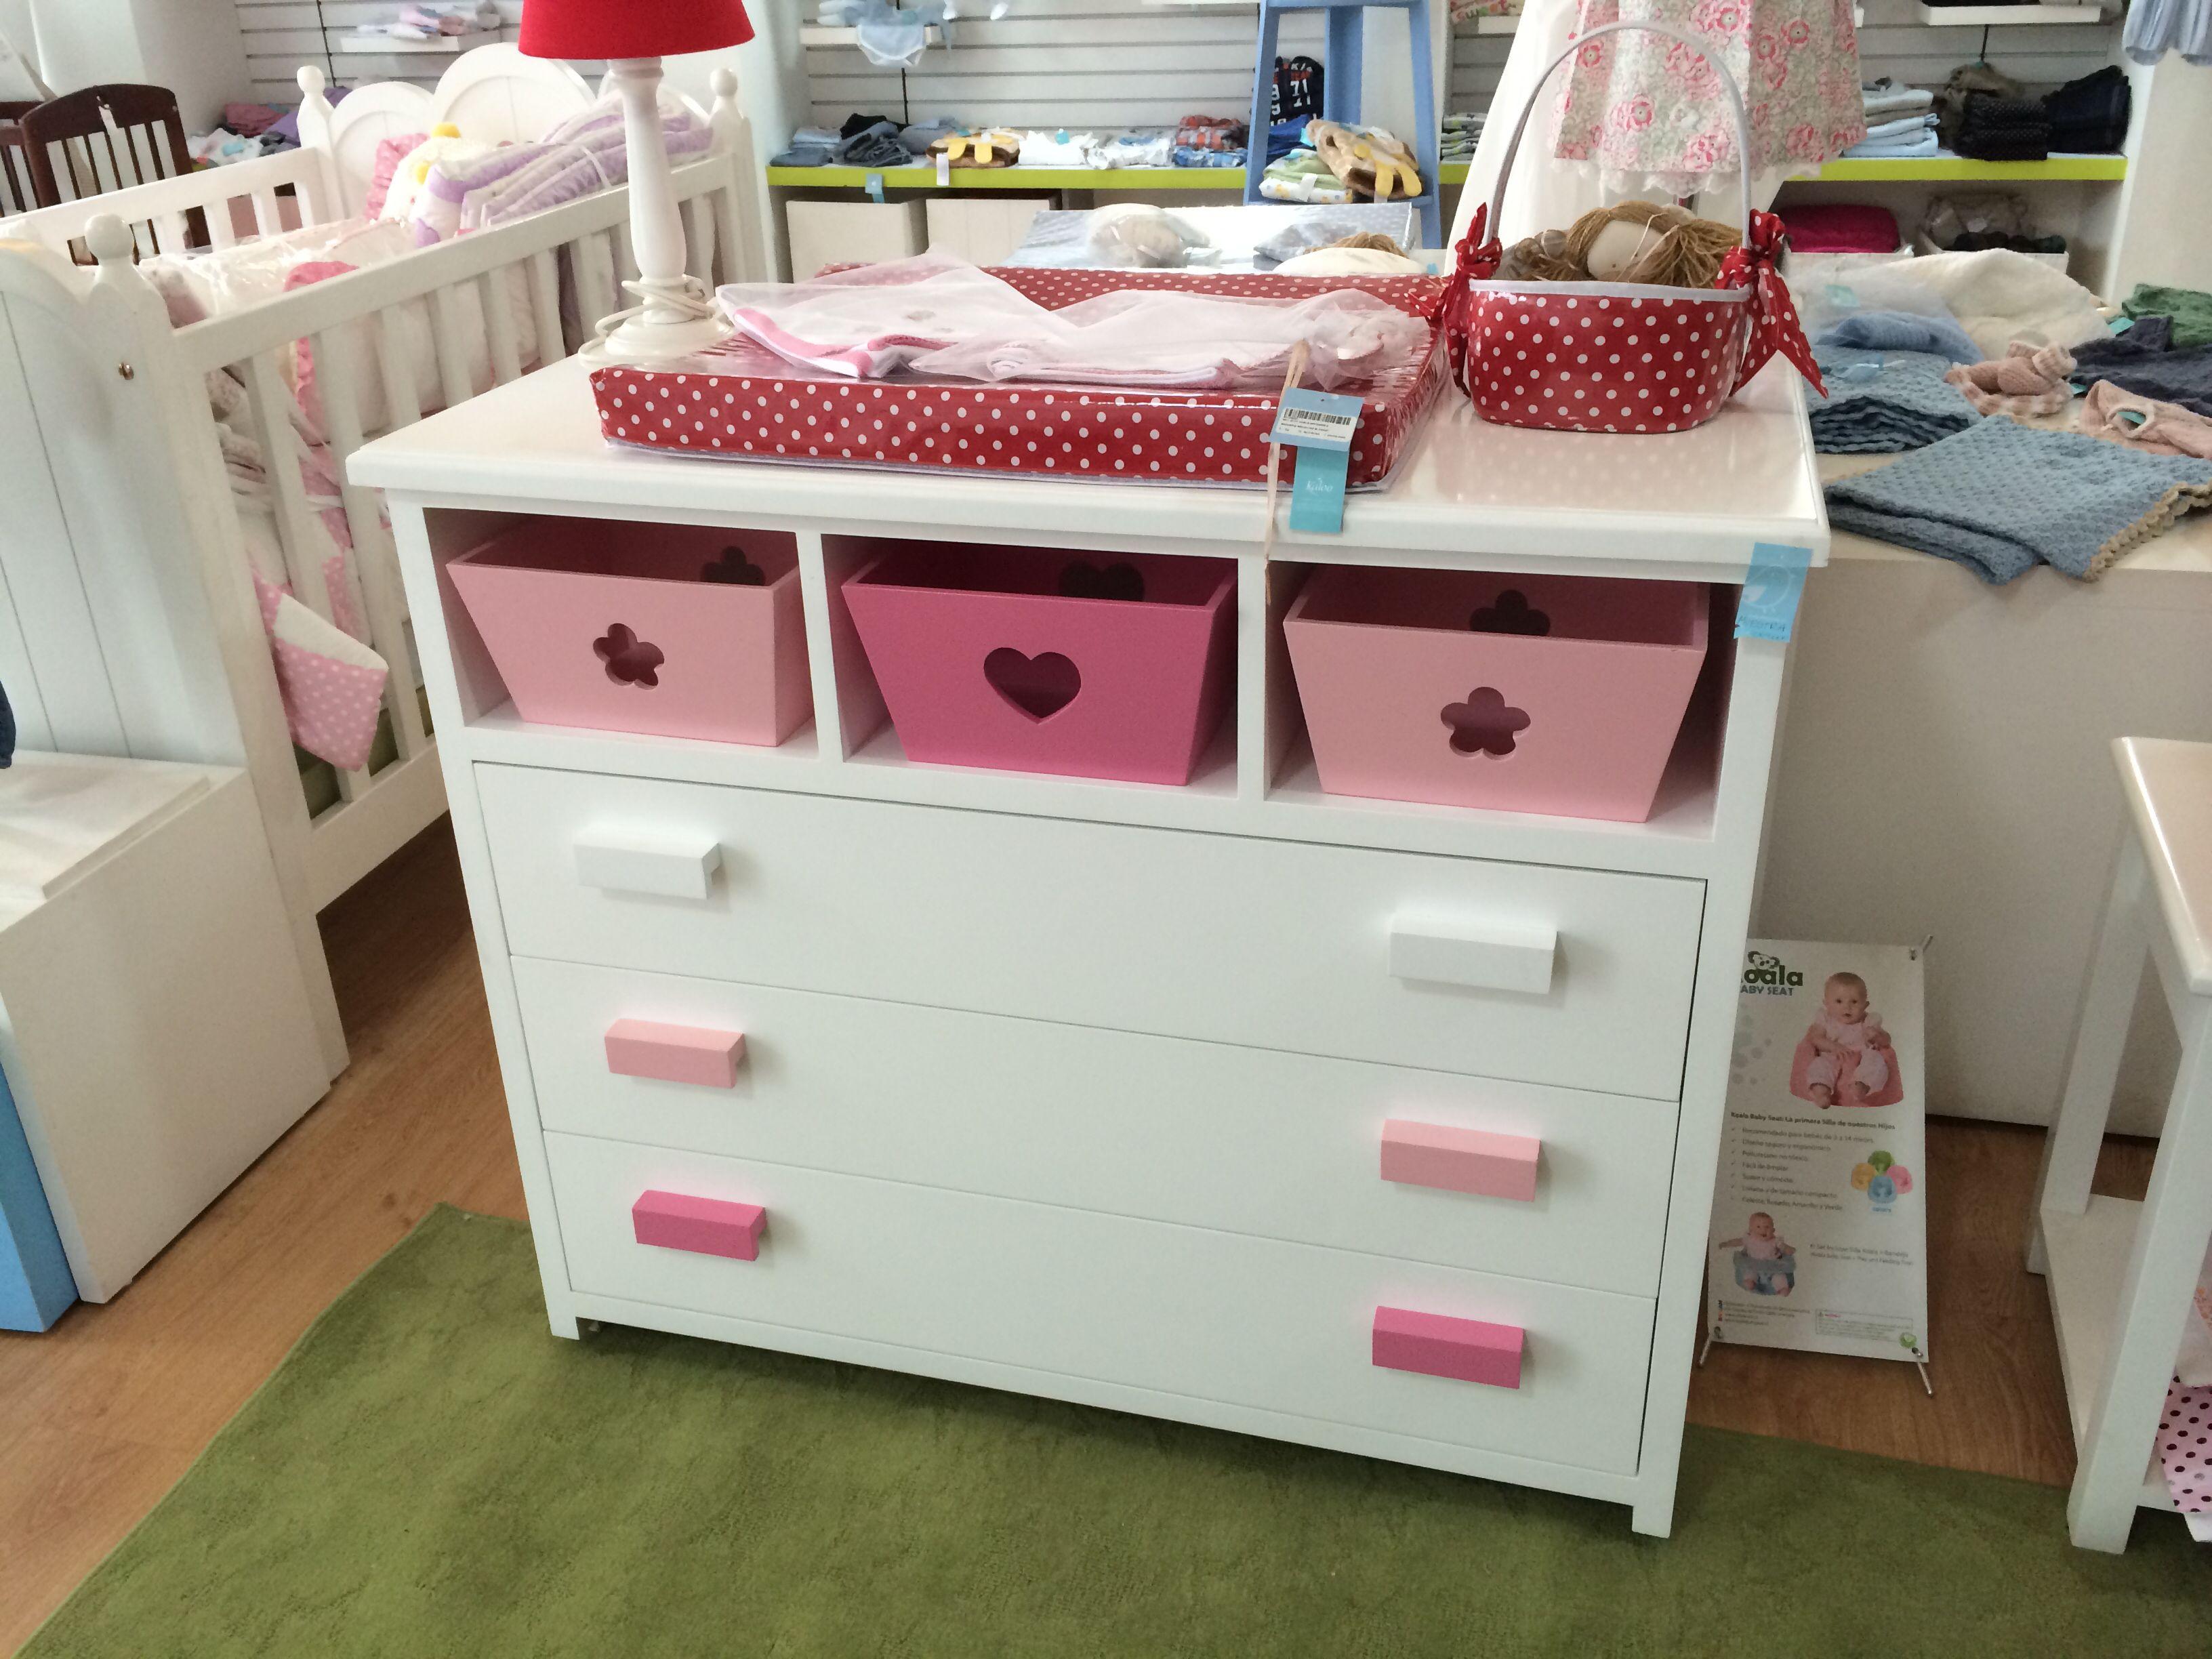 Mudador | Mudadores | Pinterest | Muebles bebe, Decoraciones de ...